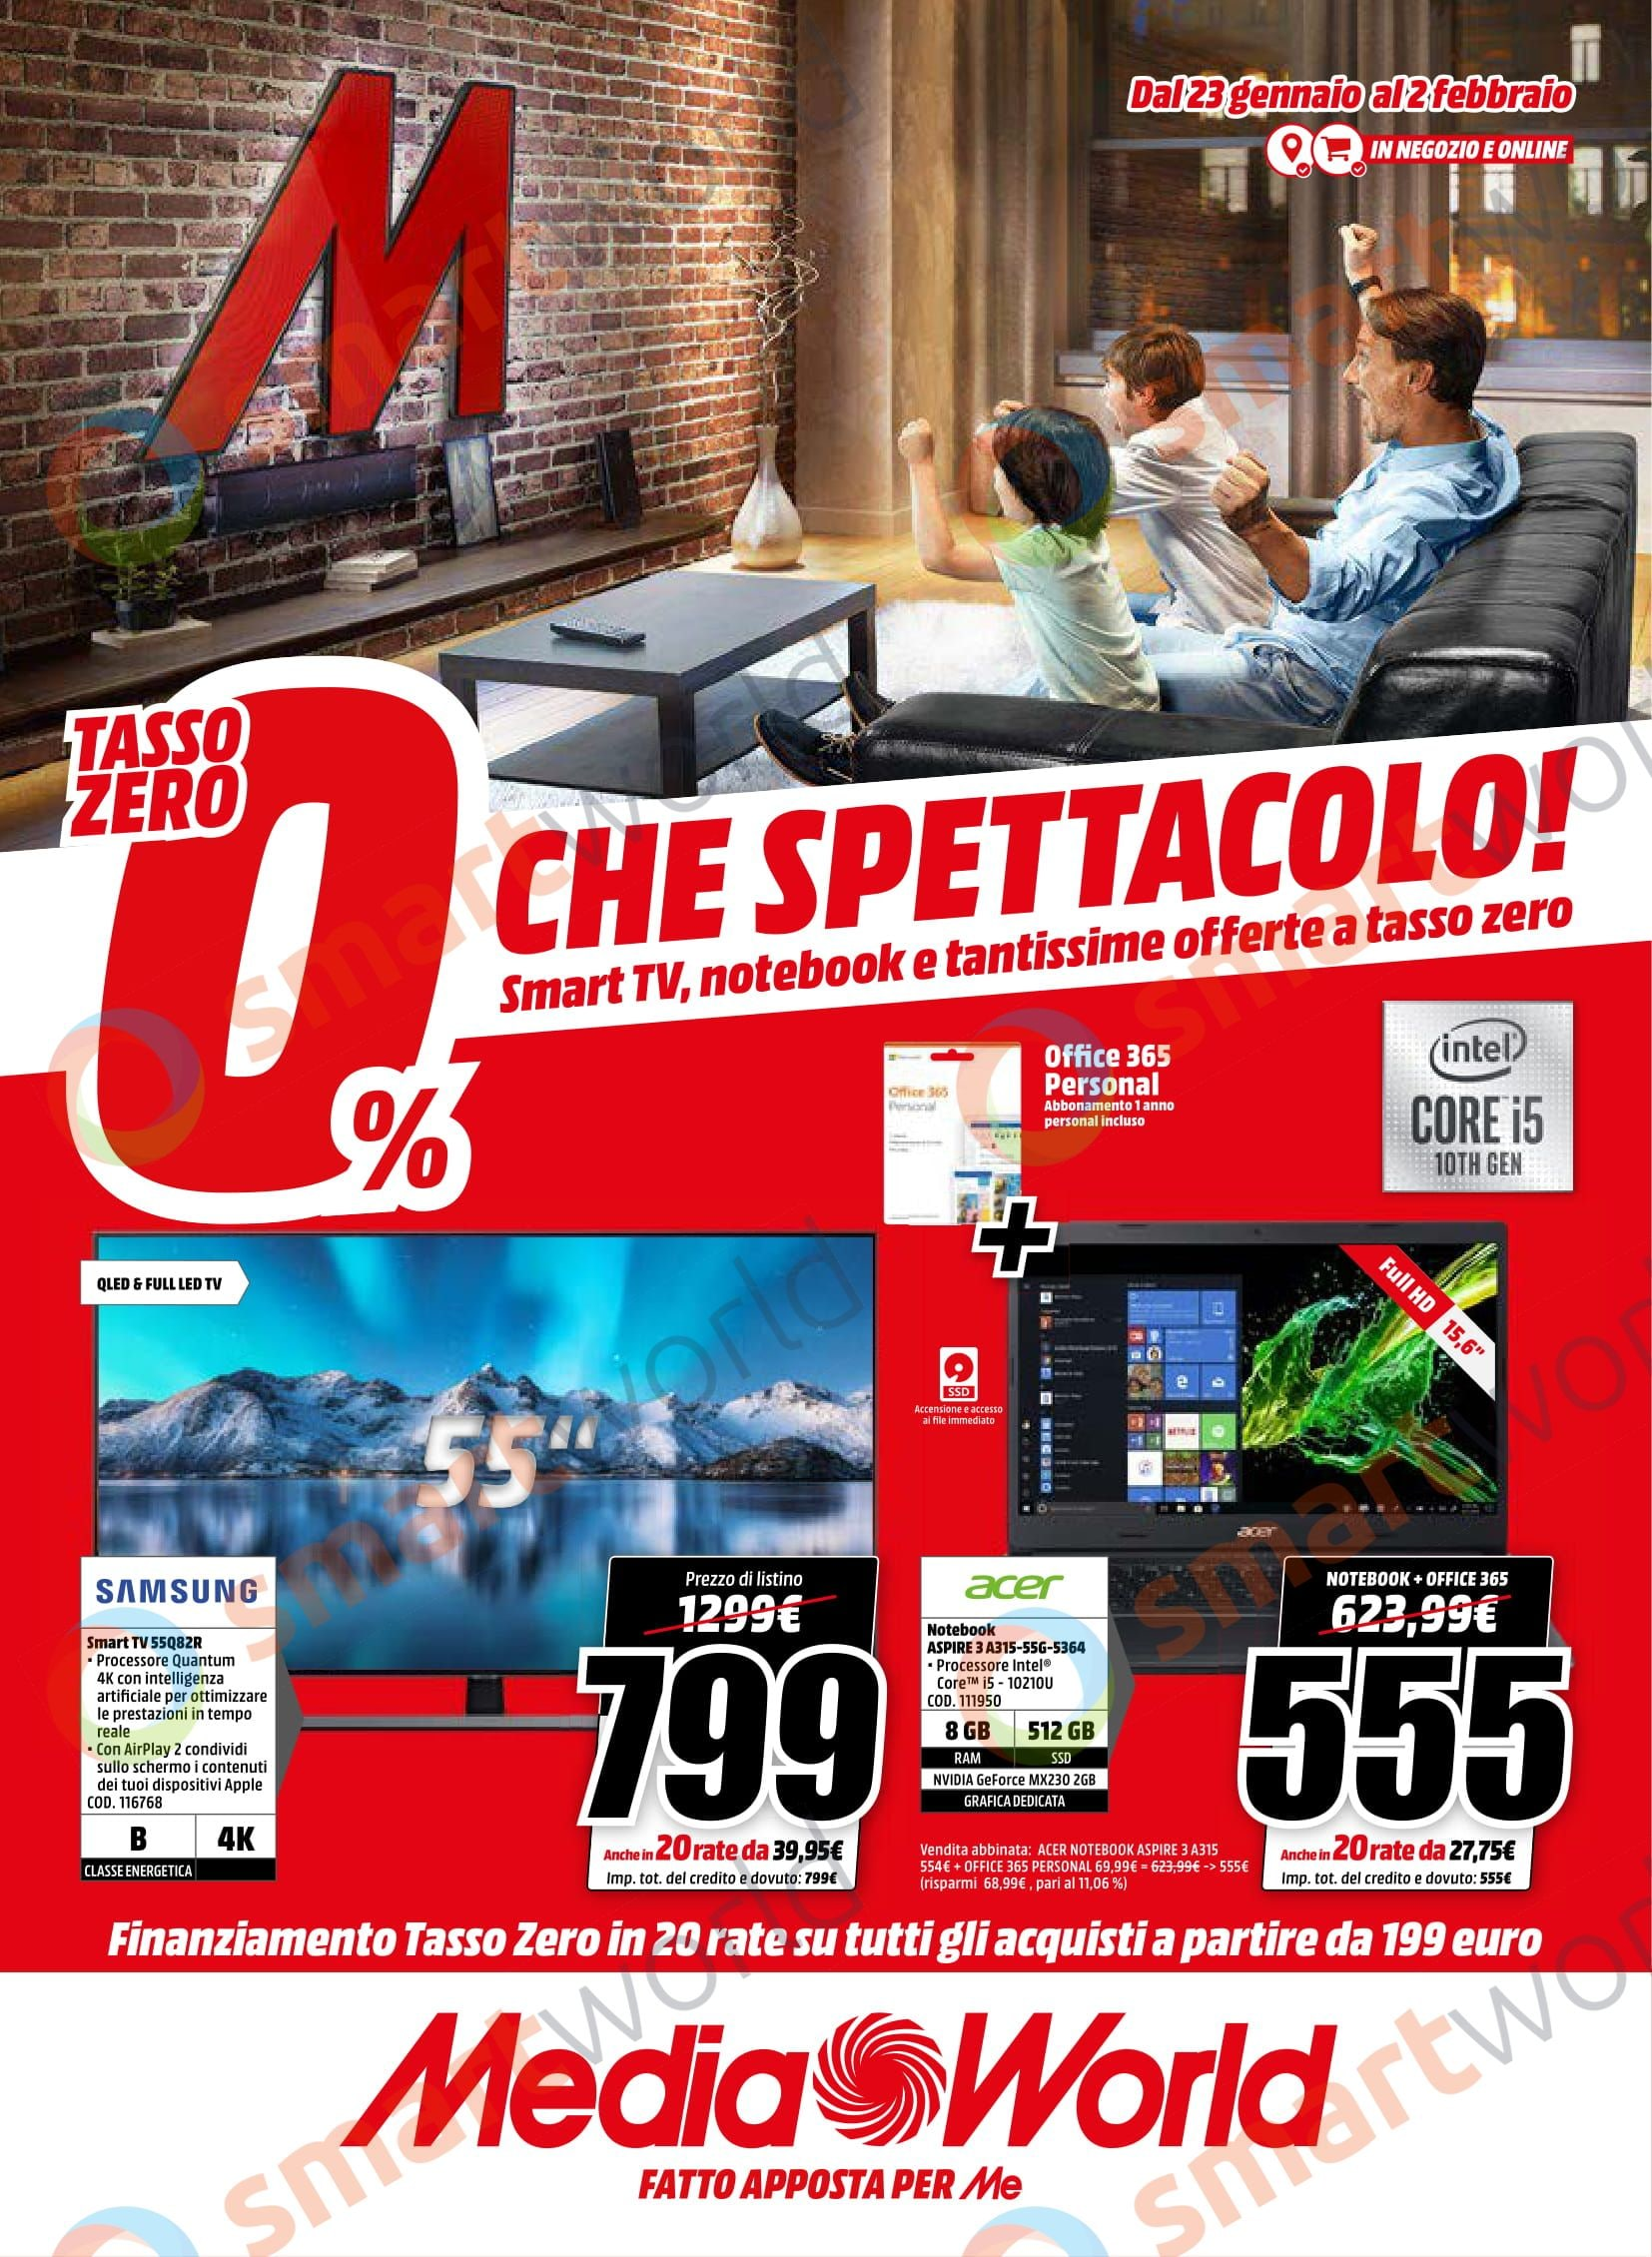 """Volantino MediaWorld """"Che Spettacolo!"""" (1)"""